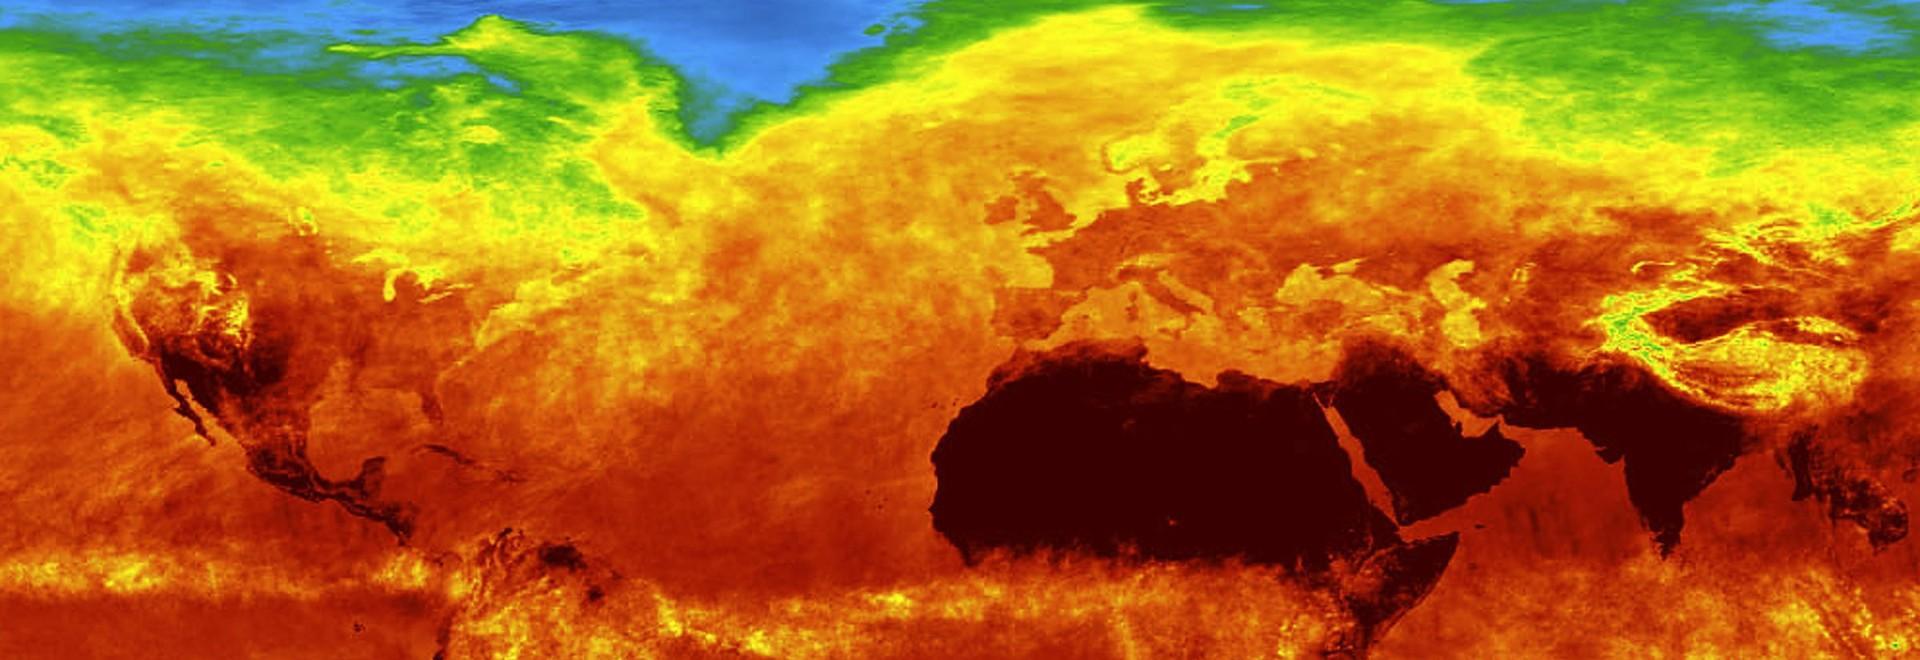 10 modi per distruggere la Terra